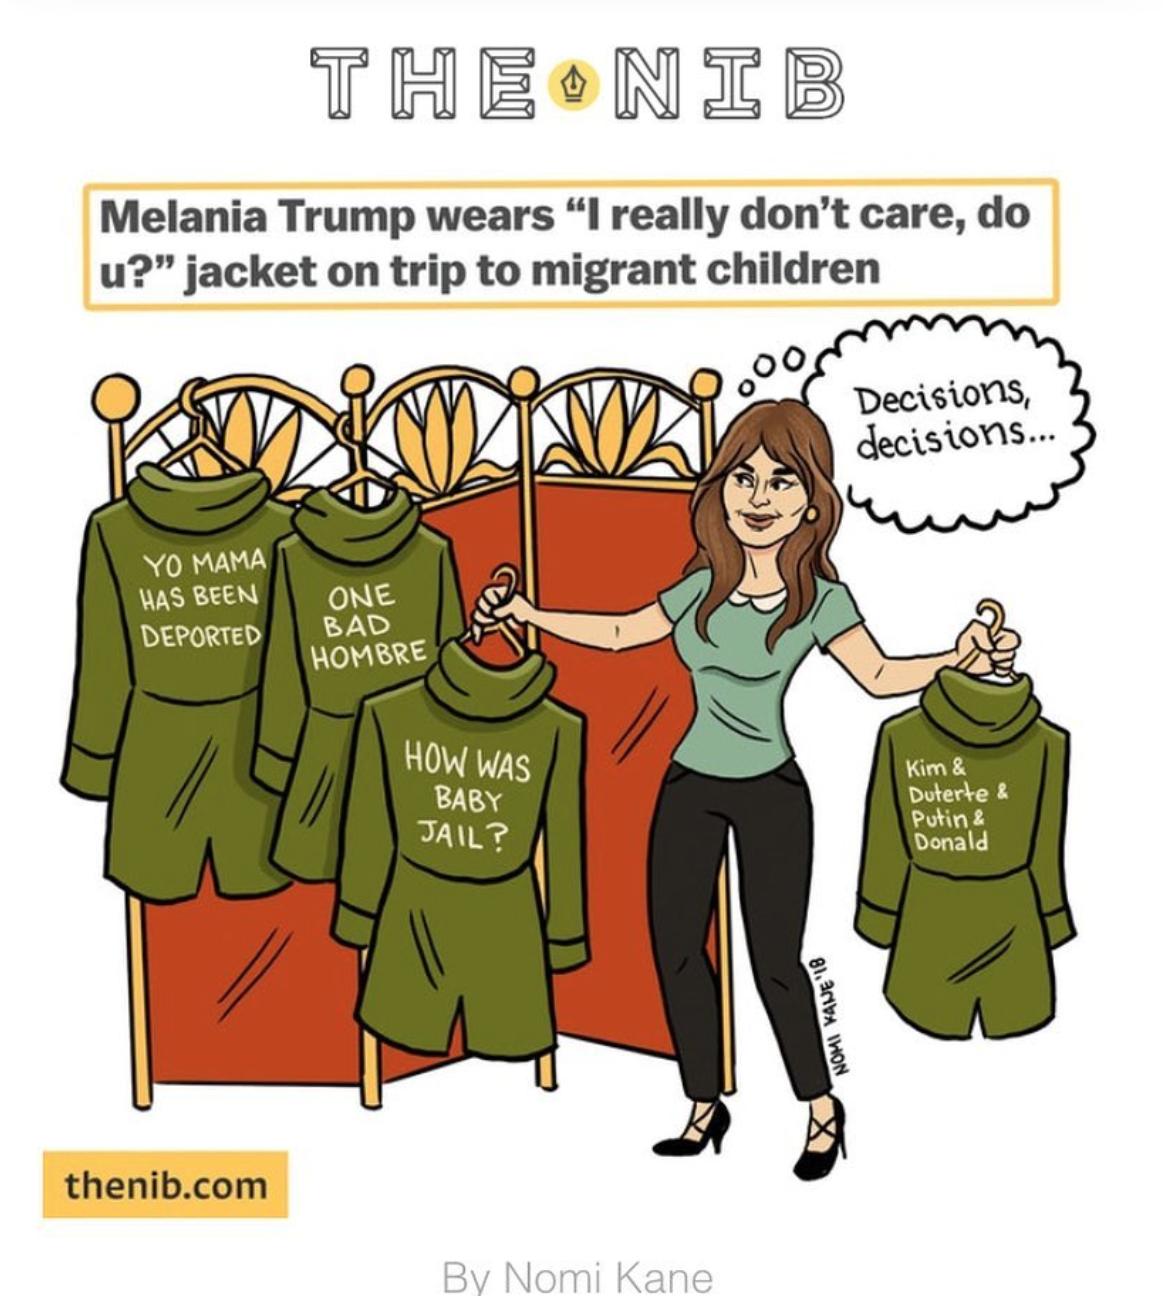 memes chaqueta melania18